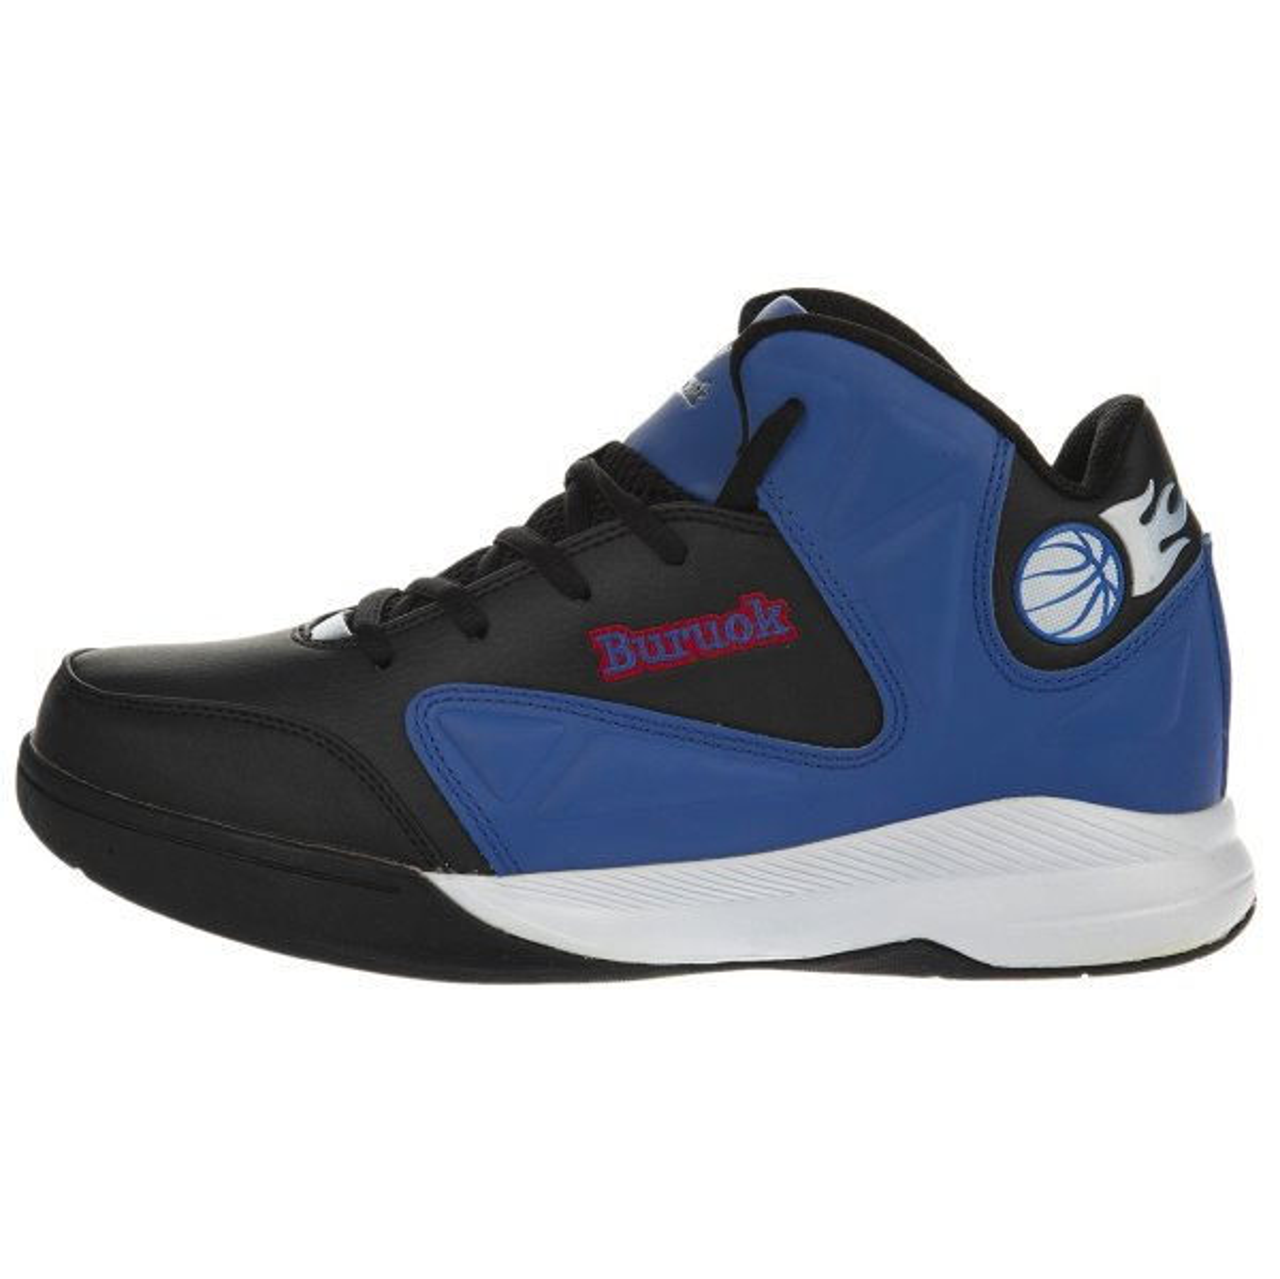 کفش مخصوص بسکتبال مردانه بوروک مدل B-0379